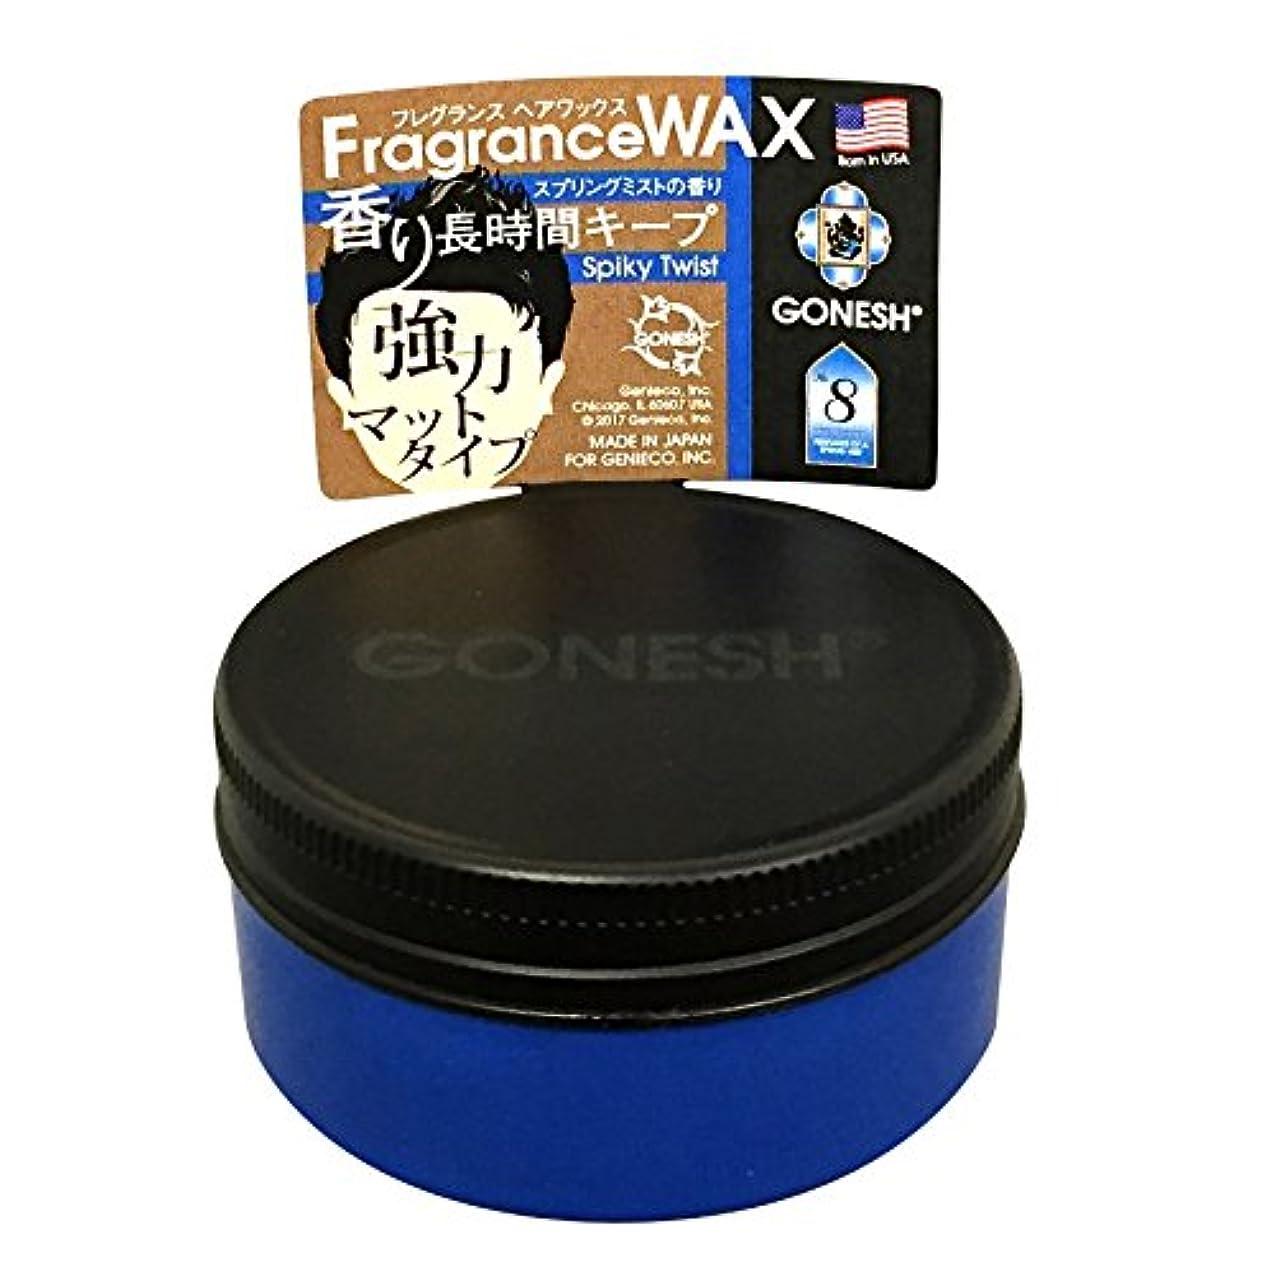 甘くする純正縮約GONESH フレグランスヘアワックス(スタイリング剤) NO.8 強力マットタイプ 60g